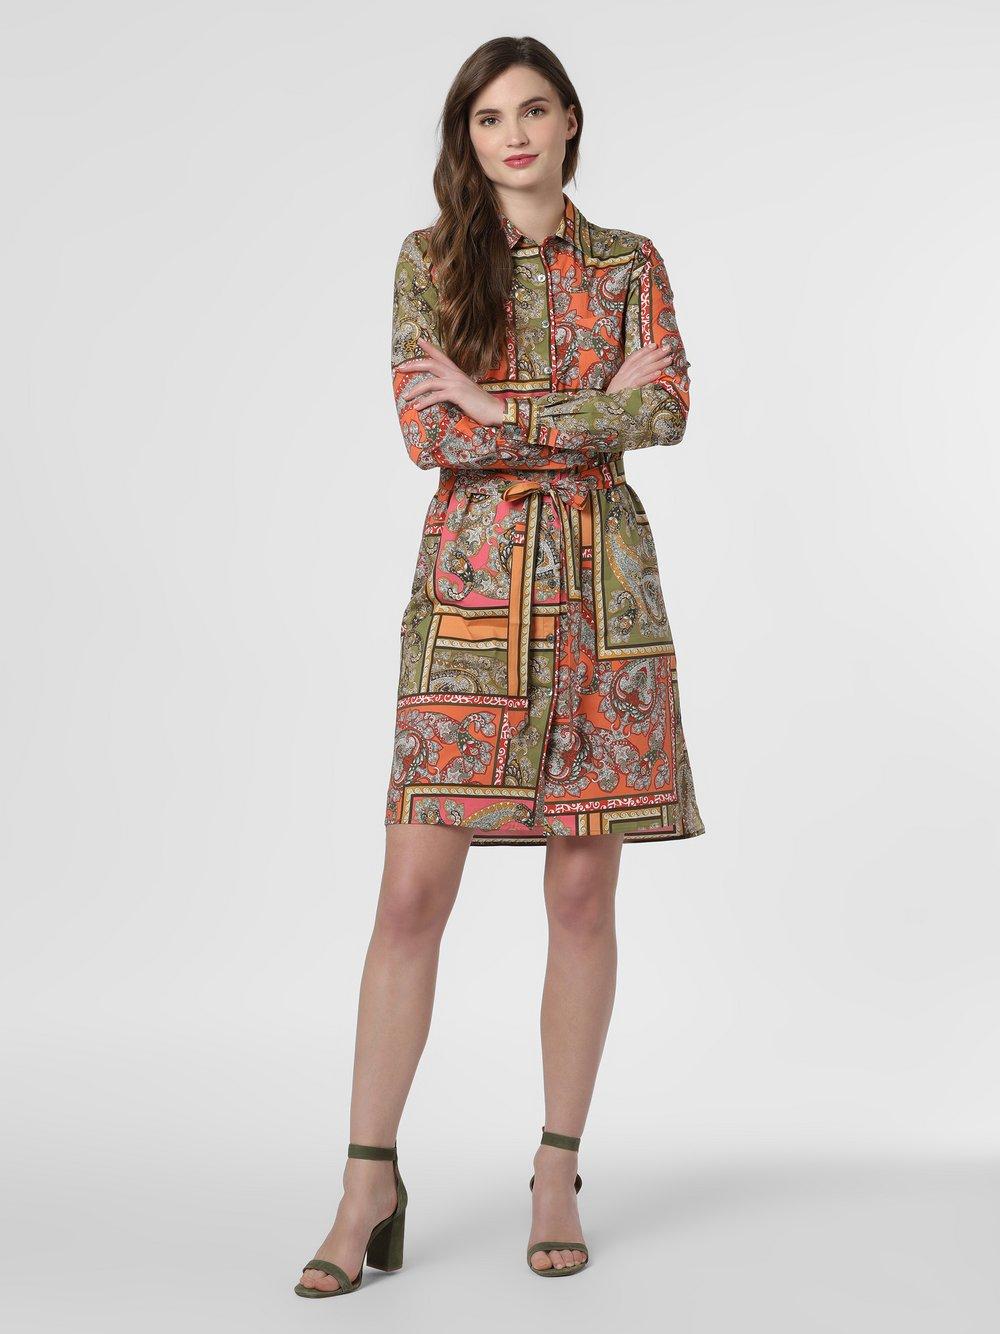 0039 Italy – Sukienka damska – Gracia, zielony Van Graaf 464283-0001